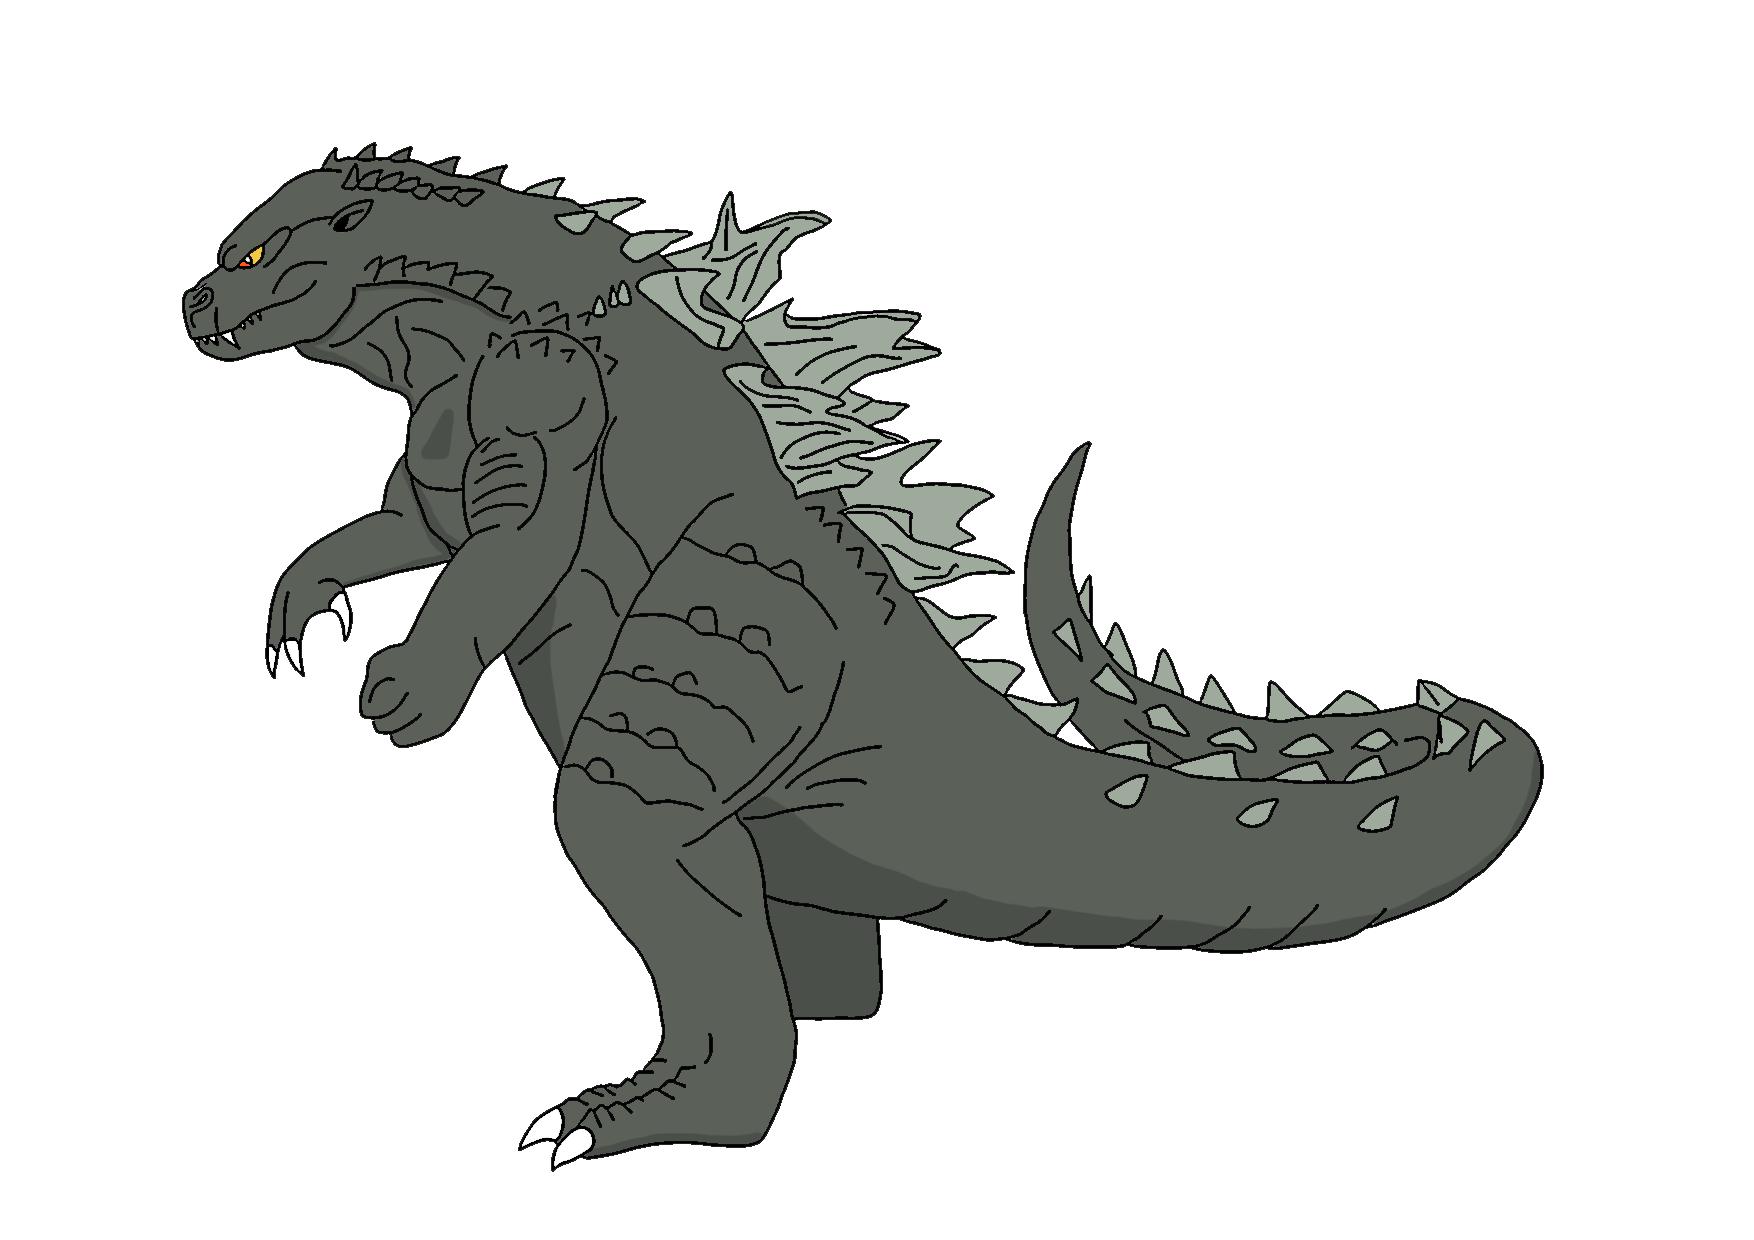 Godzilla clipart godzilla 2014 DeviantArt Godzilla Godzilla raptorrex07 Kaiju